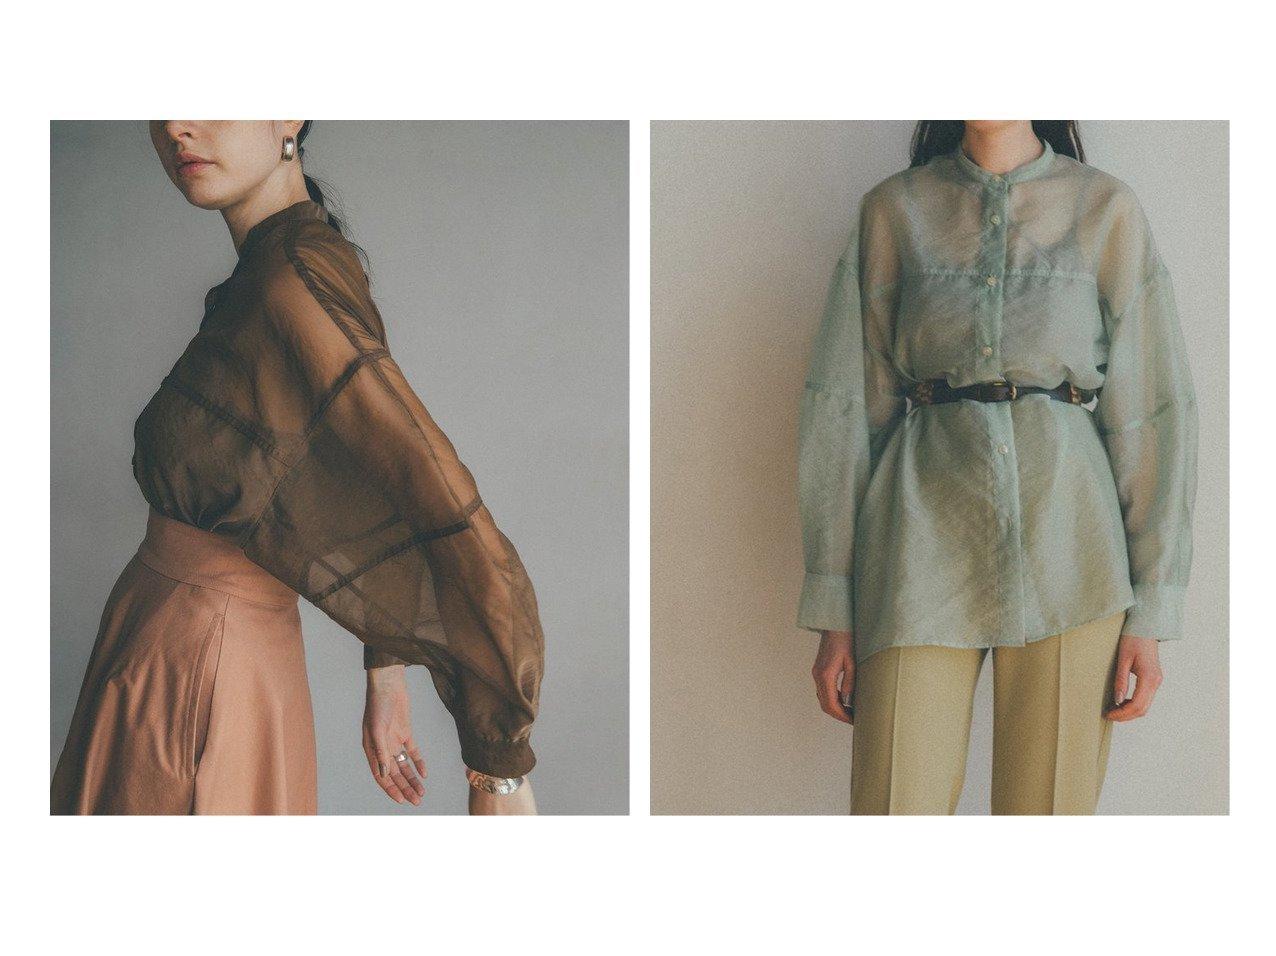 【JOURNAL STANDARD/ジャーナルスタンダード】の【クラネ】SWITCH SHEER SHIRT:シャツ おすすめ!人気トレンド・レディースファッション通販 おすすめで人気の流行・トレンド、ファッションの通販商品 インテリア・家具・メンズファッション・キッズファッション・レディースファッション・服の通販 founy(ファニー) https://founy.com/ ファッションモデル・俳優・女優 Models 女性 Women 松本恵奈 Matsumoto Ena ファッション Fashion レディースファッション WOMEN トップス・カットソー Tops/Tshirt シャツ/ブラウス Shirts/Blouses 2021年 2021 2021春夏・S/S SS/Spring/Summer/2021 S/S・春夏 SS・Spring/Summer おすすめ Recommend インナー キャミソール スリット フォルム |ID:crp329100000053094